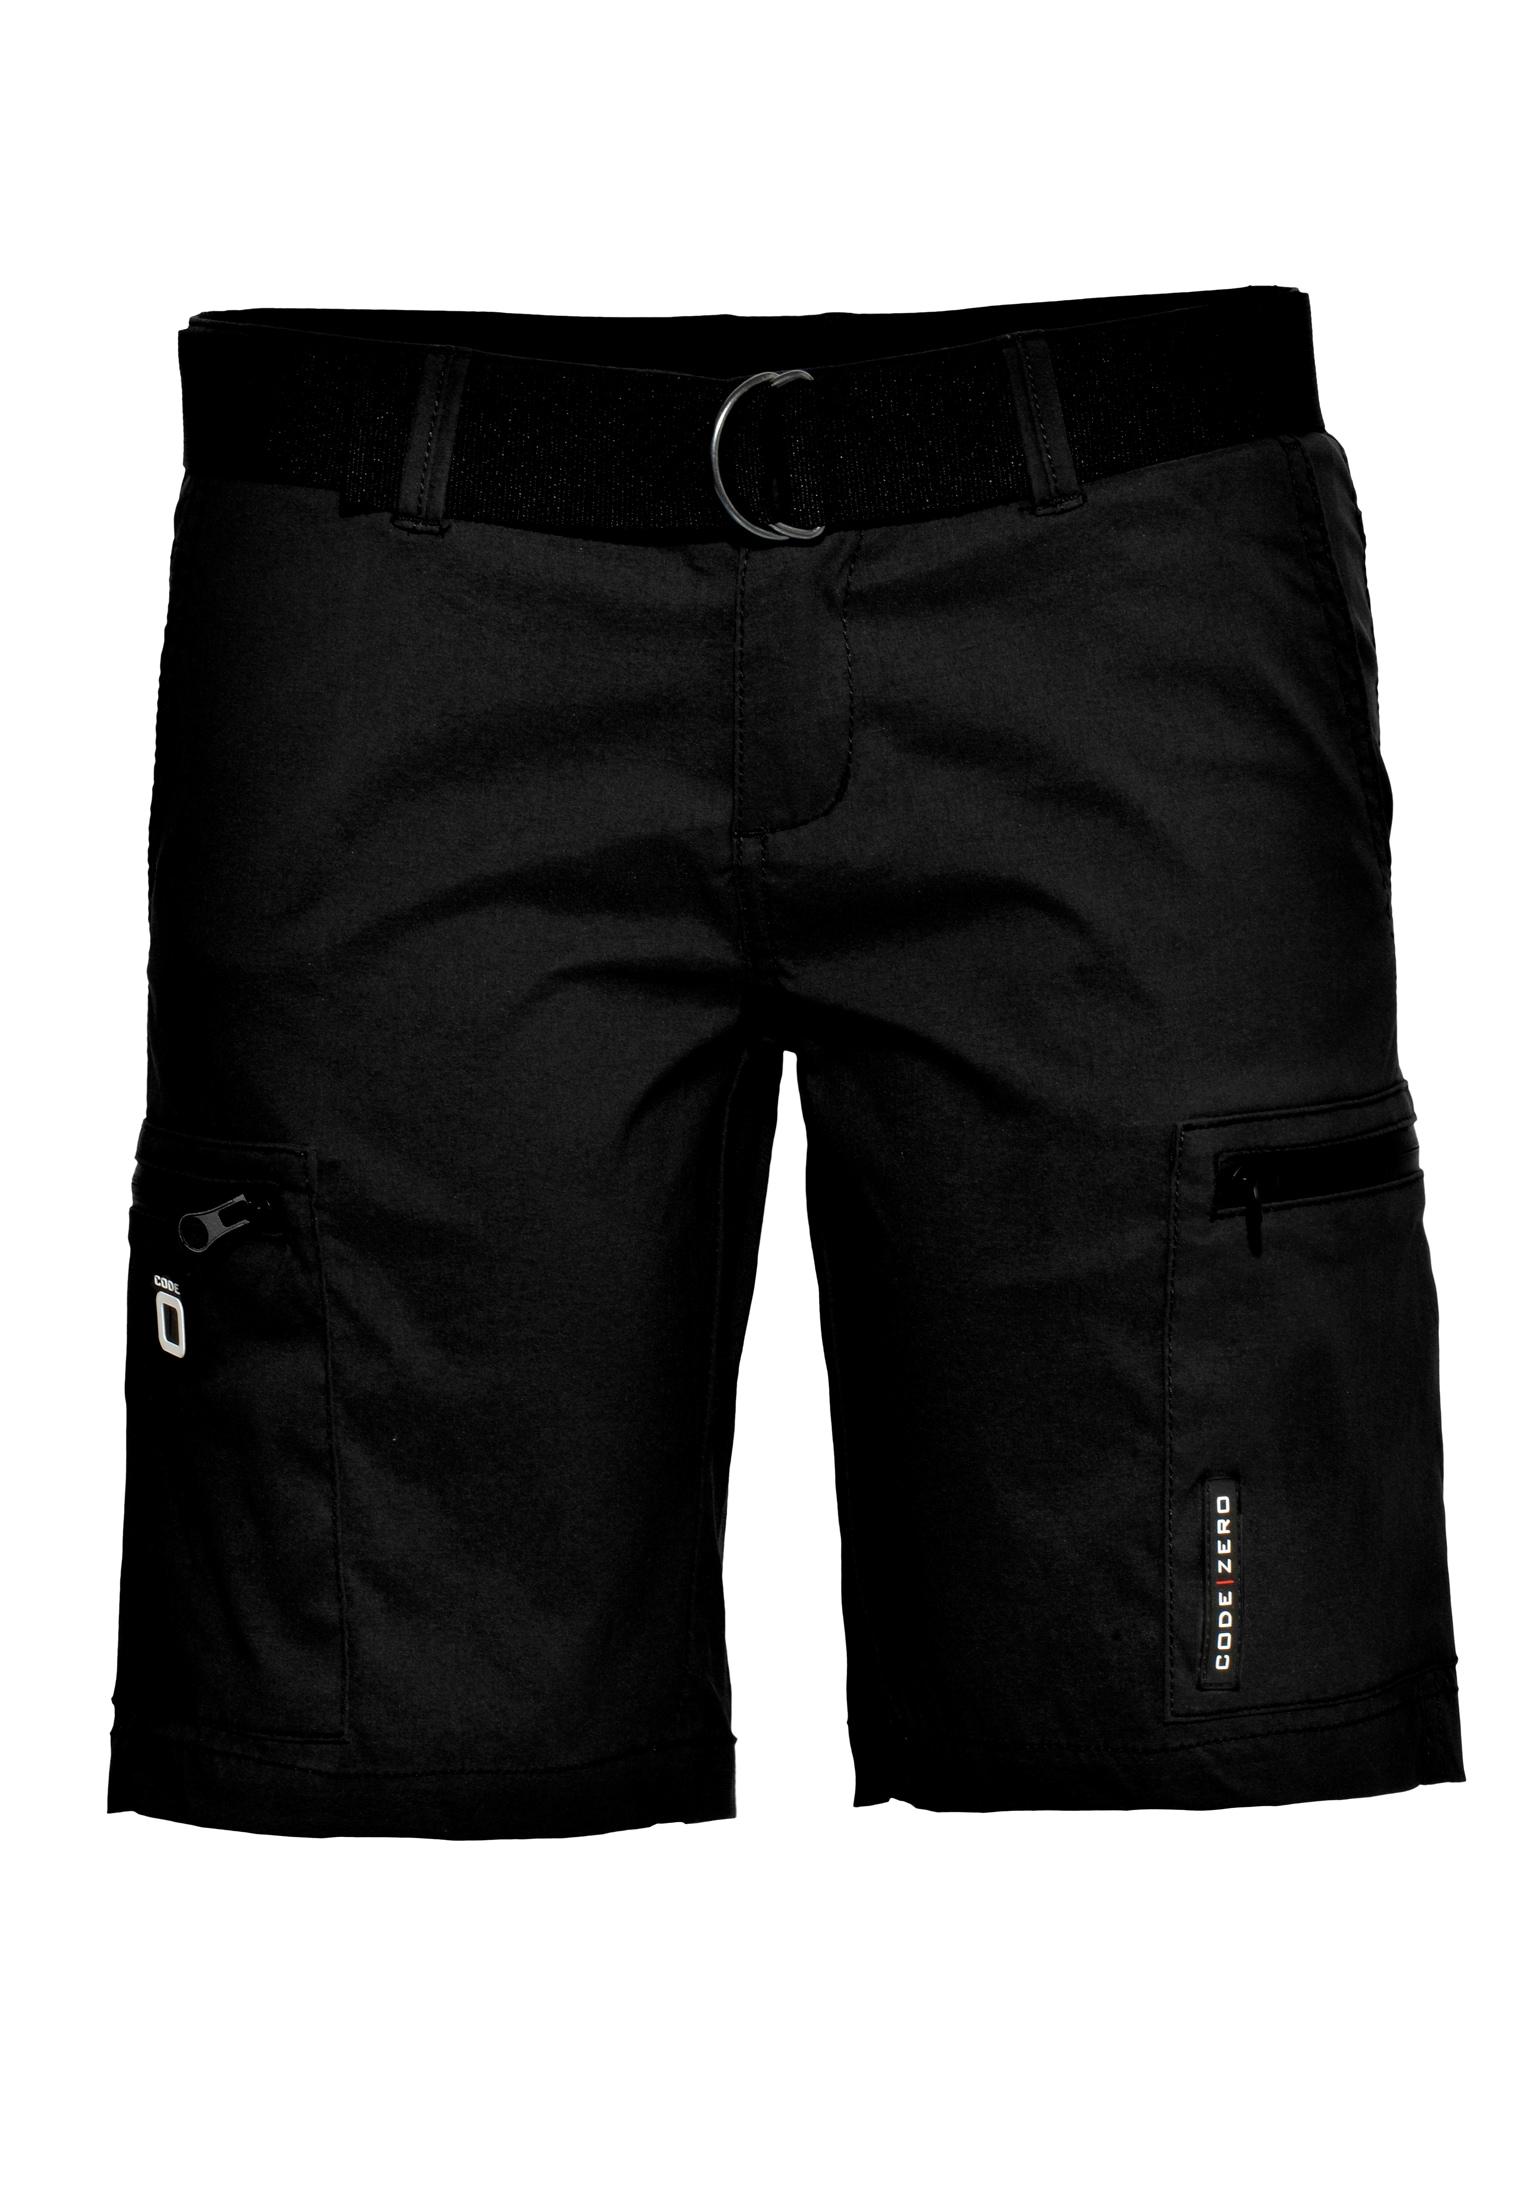 CODE-ZERO Shorts Luff Short Damen, Gürtel schwarz Damen Kurze Hosen